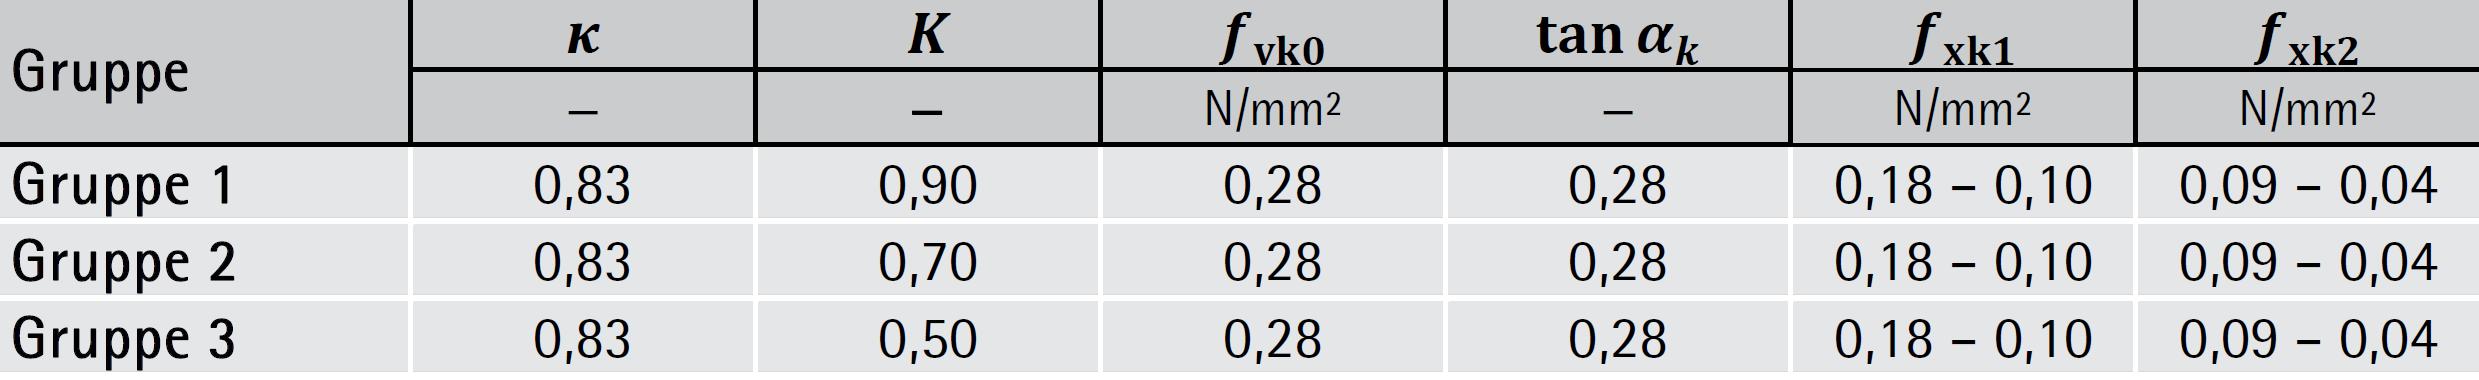 Relativ Materialparameter - Beschreibung d. Widerstände | ziegel-technik XG61